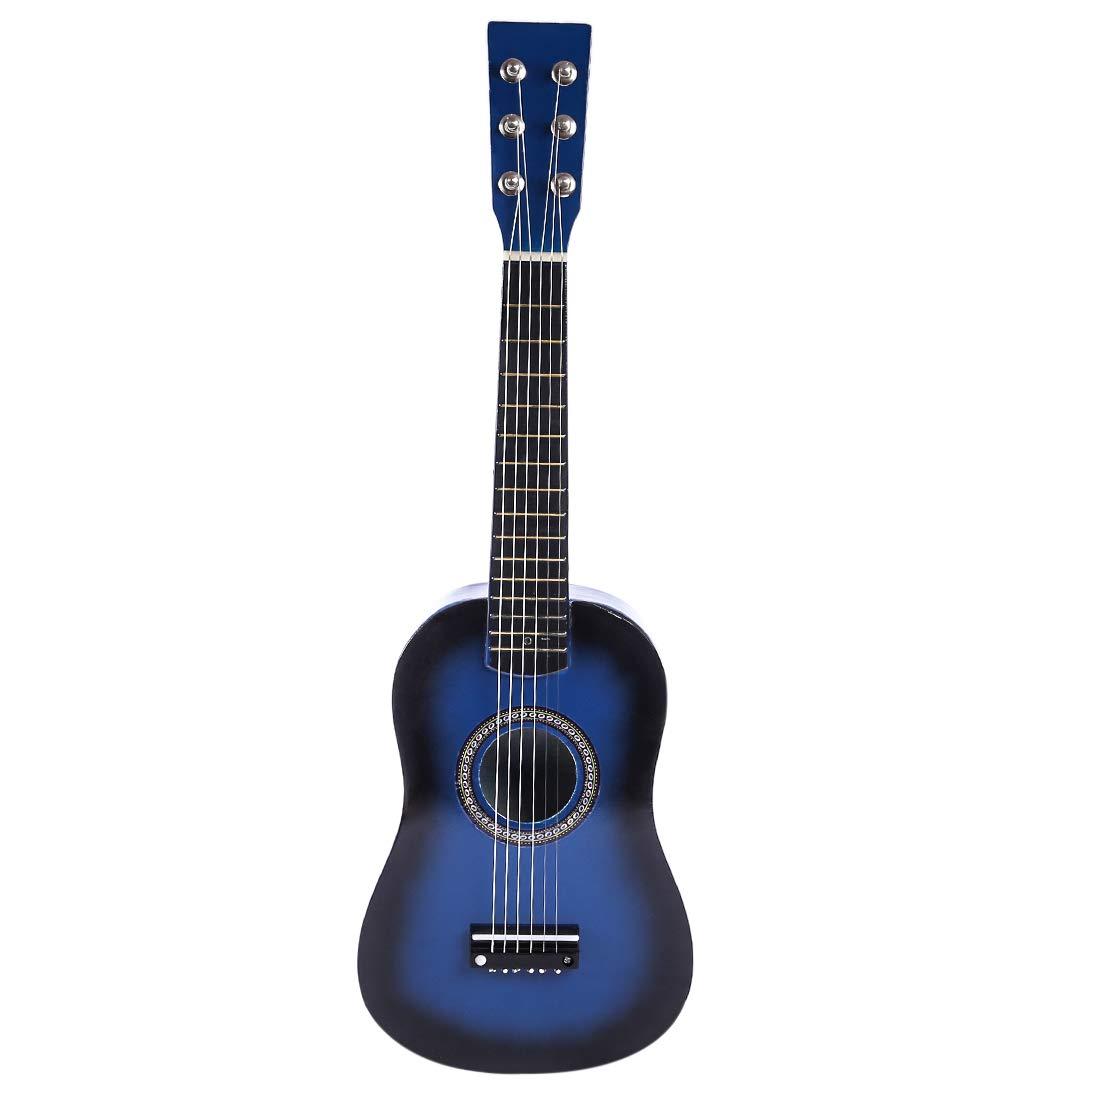 ANNA SHOP Kinder Gitarre Holz 6 Saiten Gitarre Spielzeug Musikinstrument Musik Gitarre Kinder Musikinstrumente Pä dagogisches Spielzeug fü r Jungen ab 3 Jahre